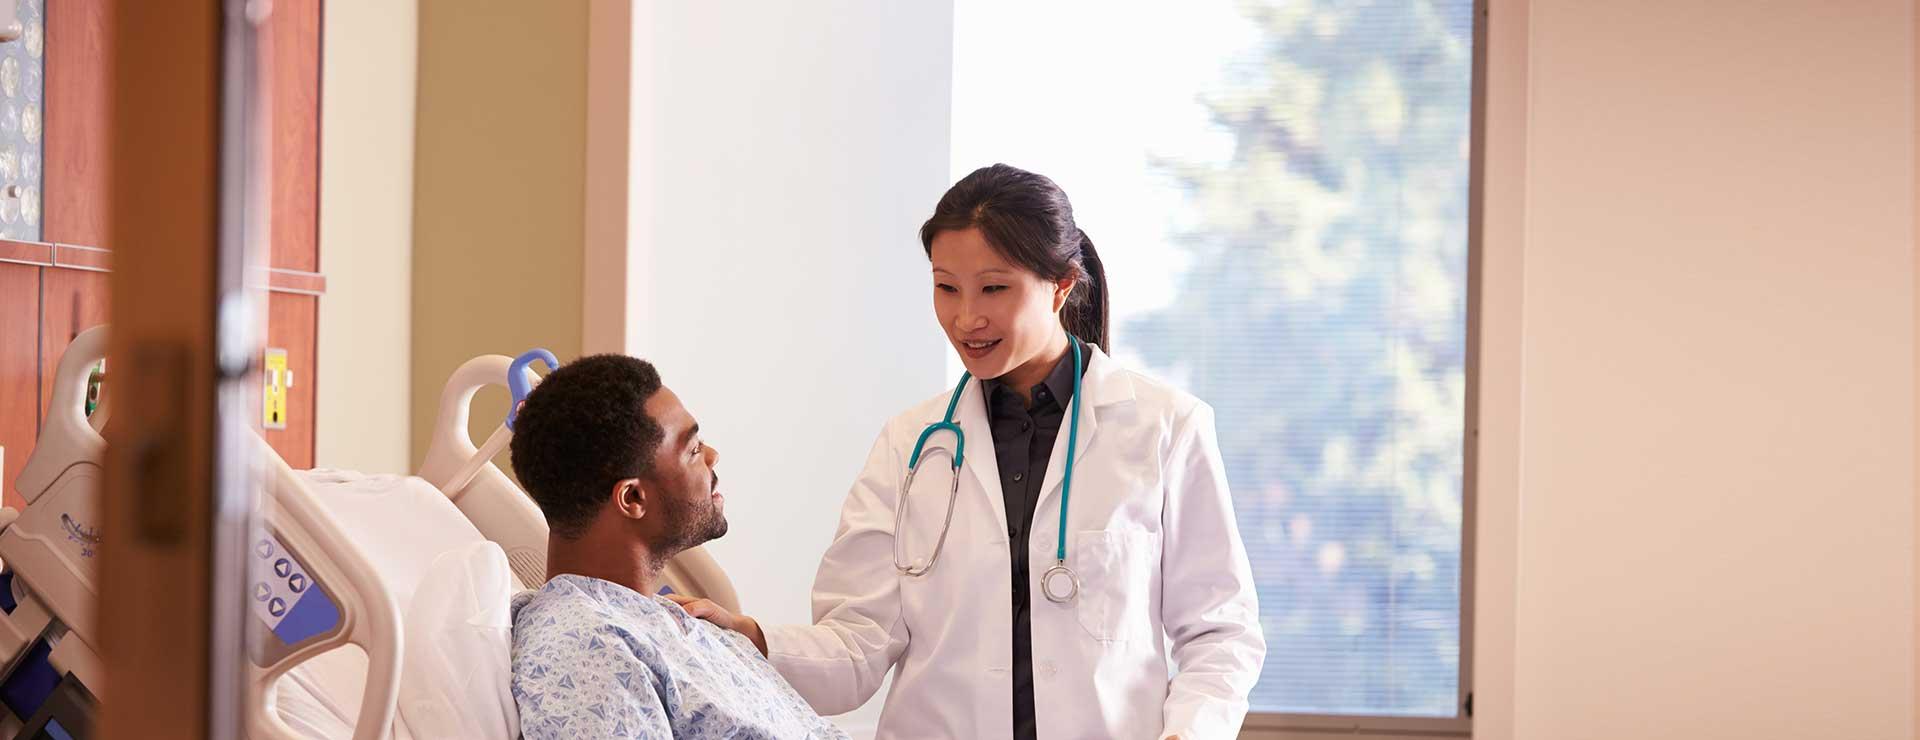 Thoracentesis | Johns Hopkins Medicine